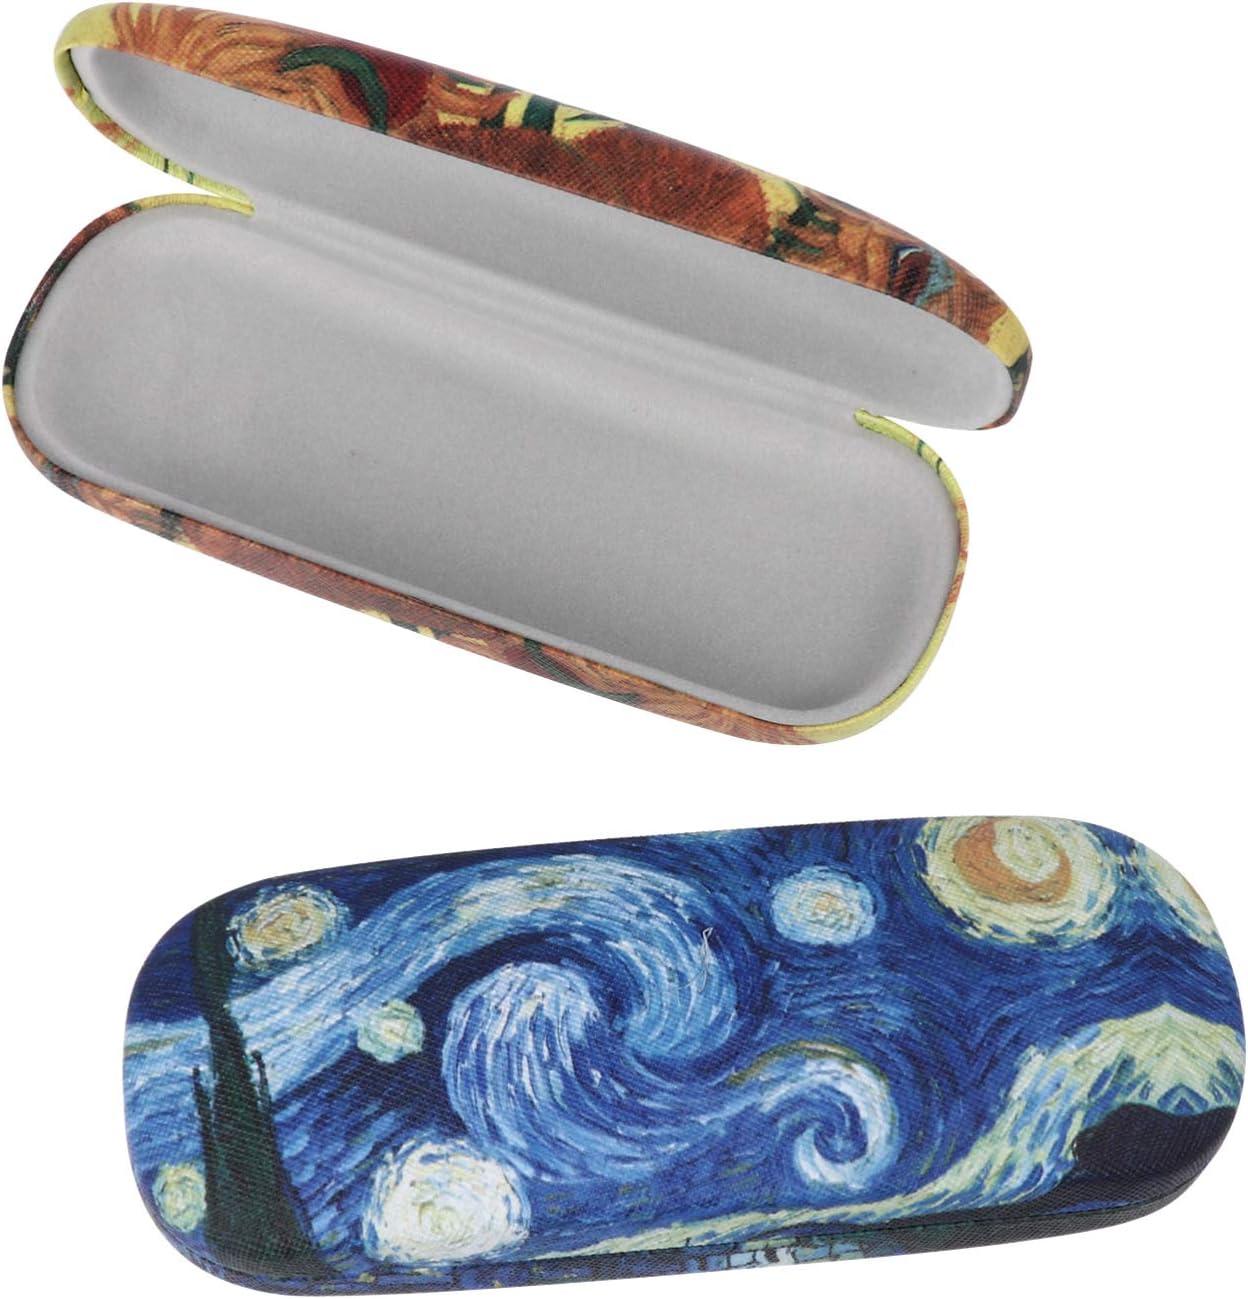 HEALLILY 2Pcs Hard Shell Eyeglasses Case Oil Painting Leather Sunglasses Glasses Holder Box for Women Men Students